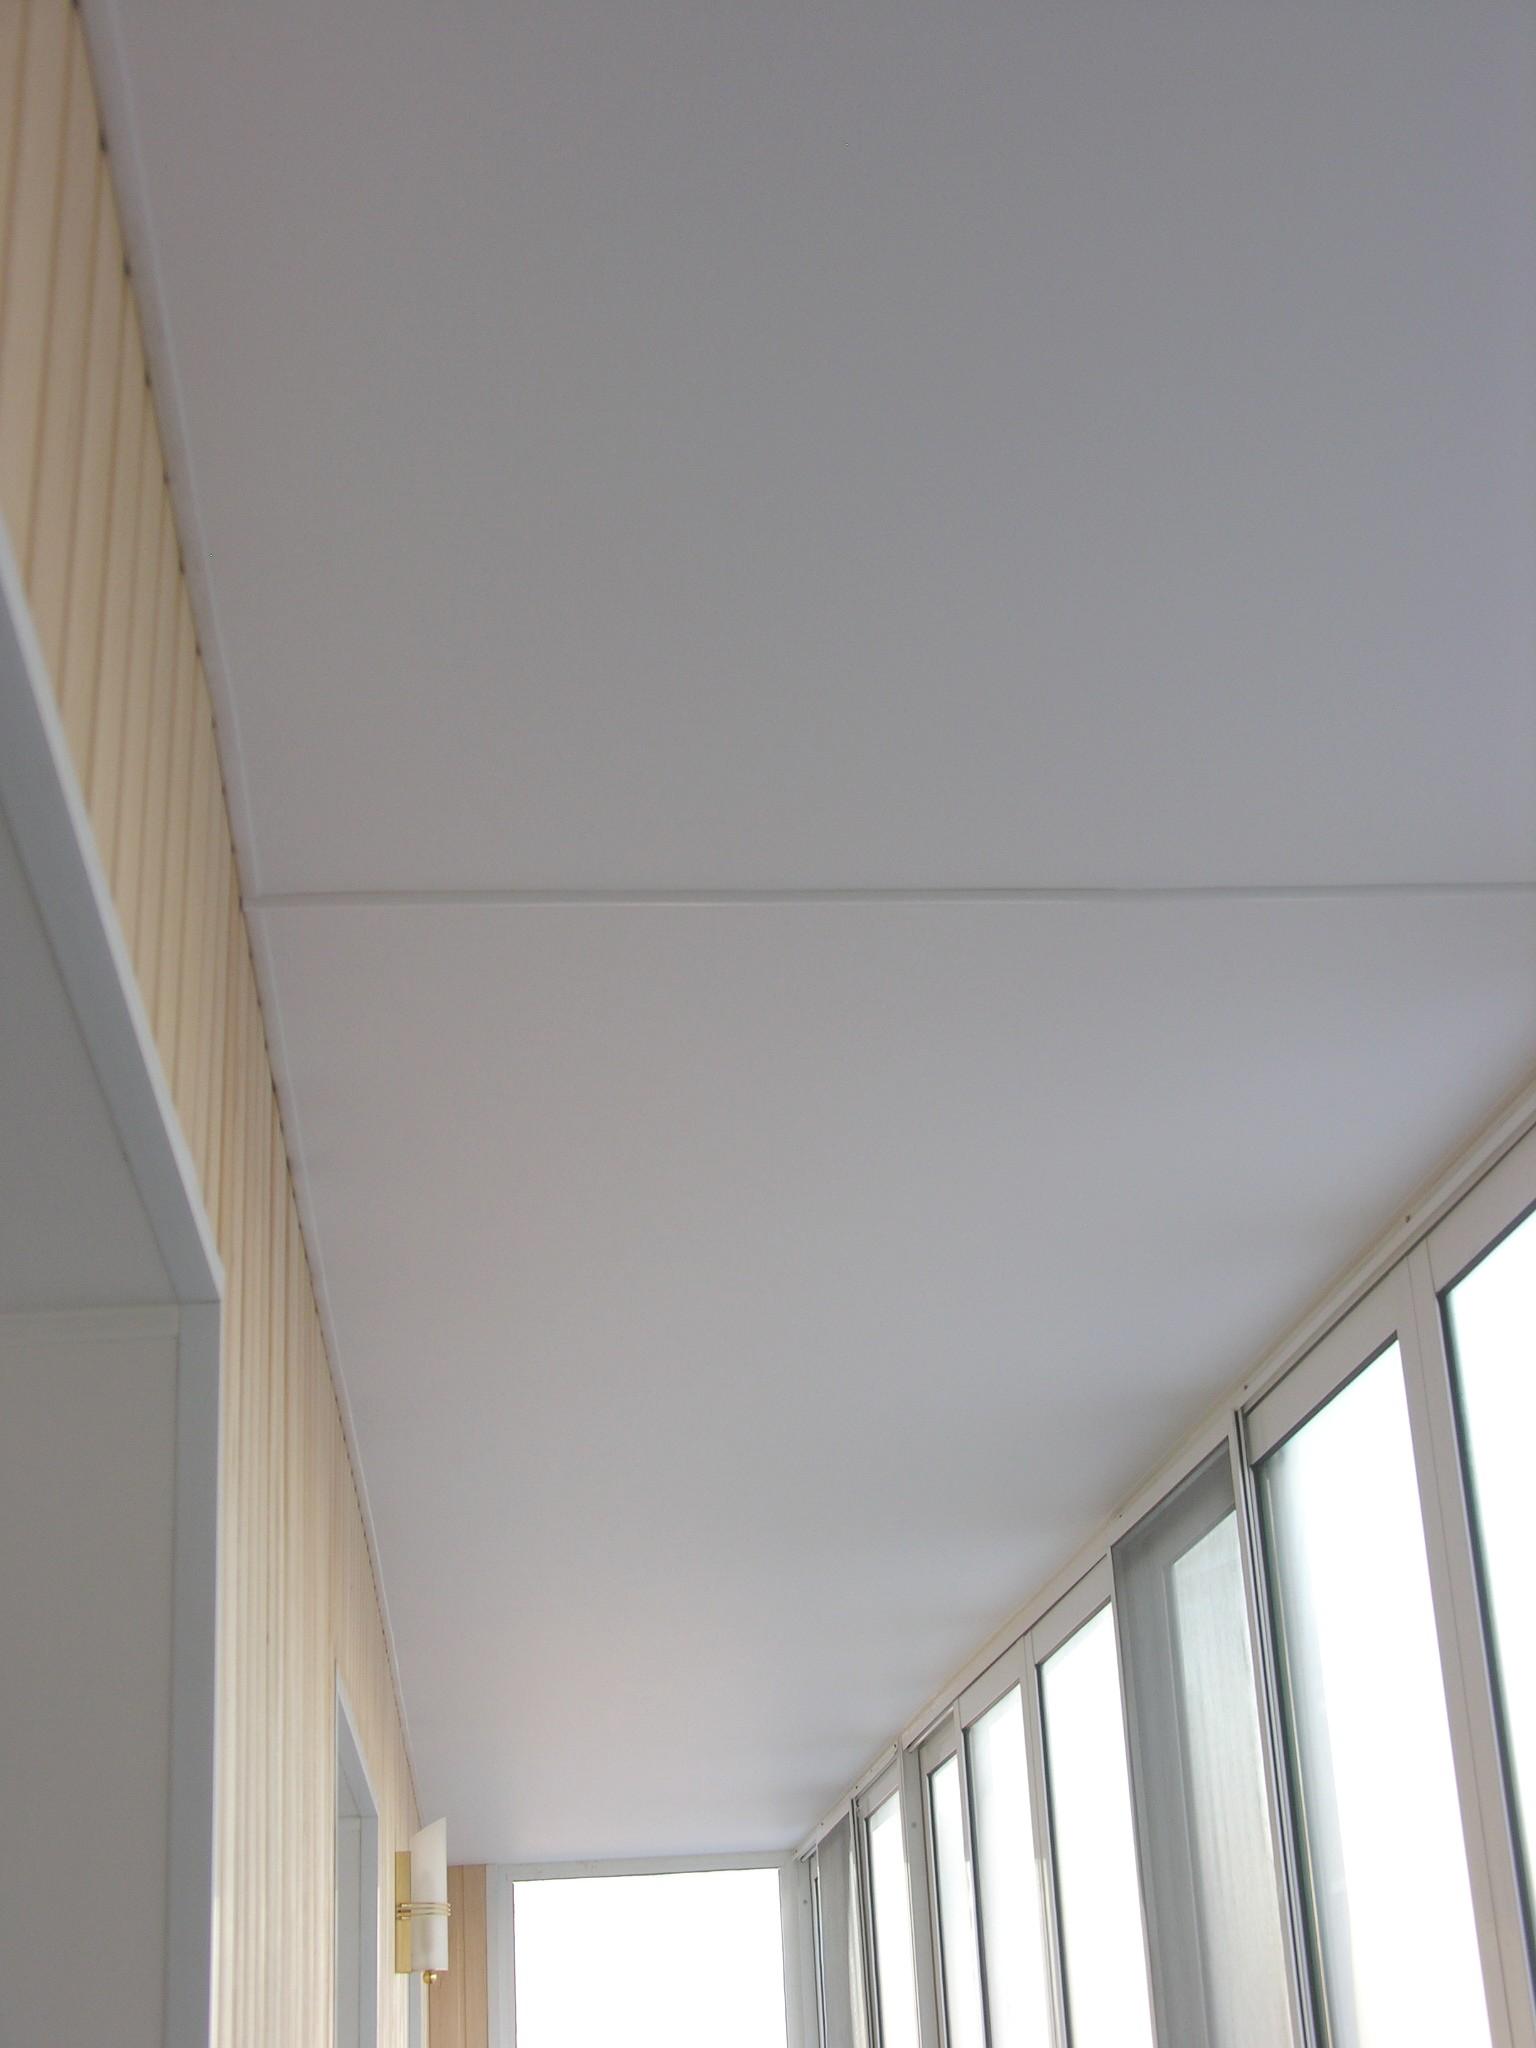 Peinture architecte dulux valentine plafond cout travaux maison lot soci t - Peinture architecte dulux ...